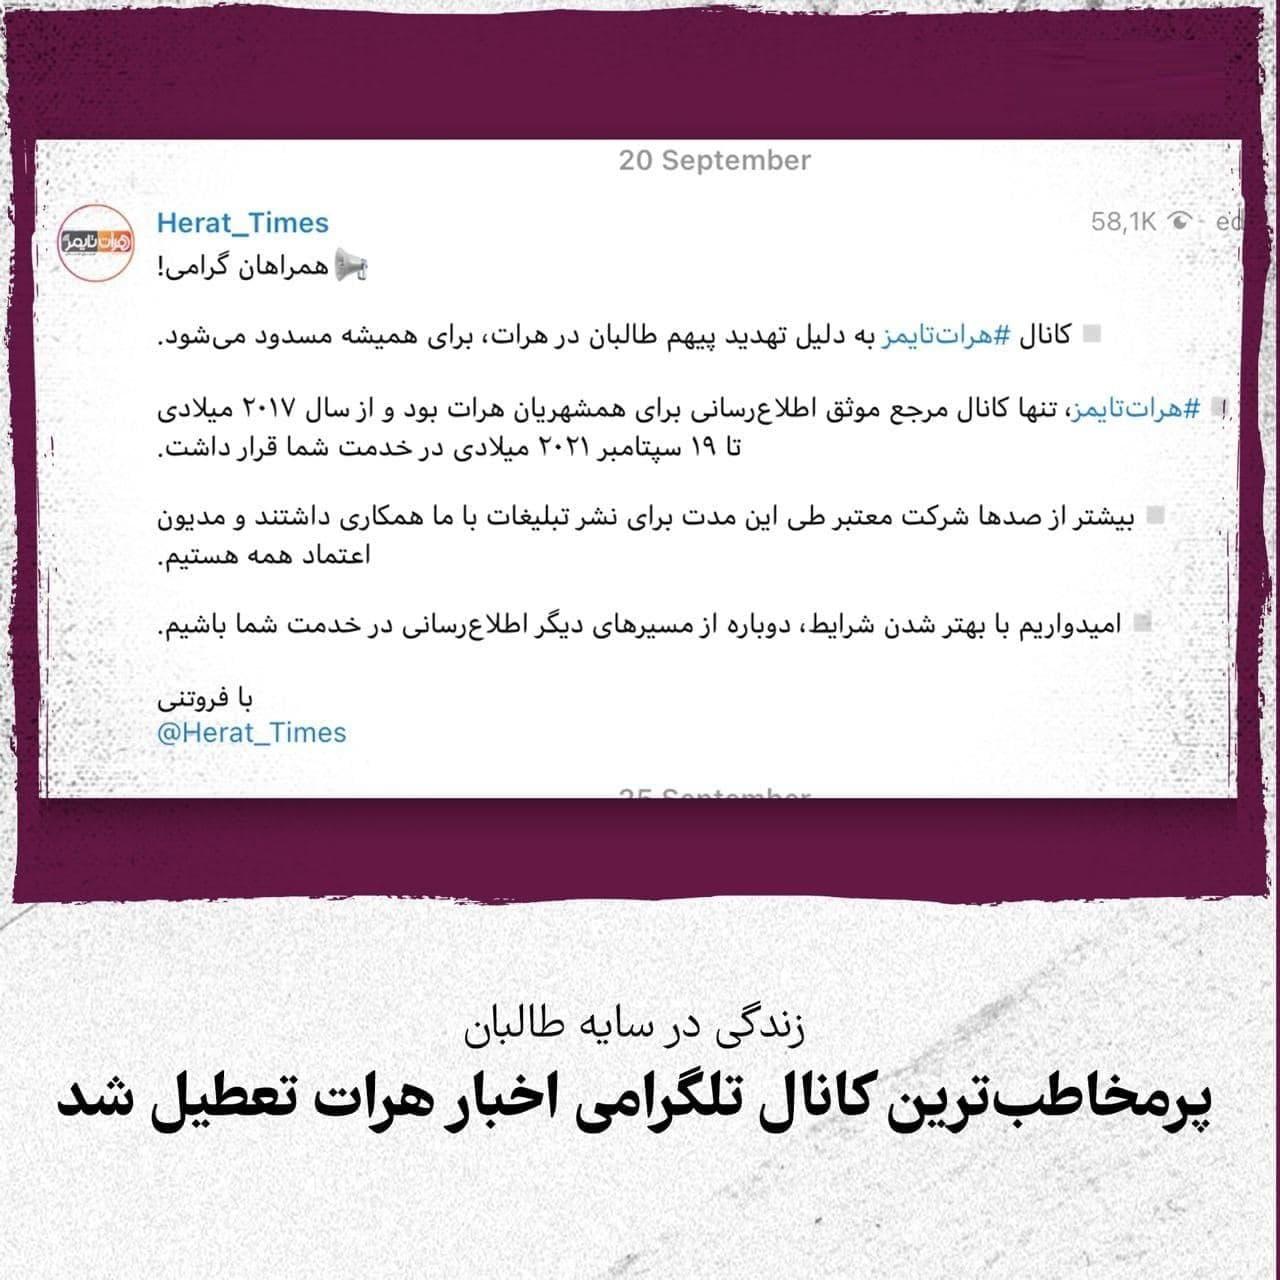 پرمخاطب ترین کانال تلگرامی اخبار هرات با تهدید طالبان تعطیل شد!